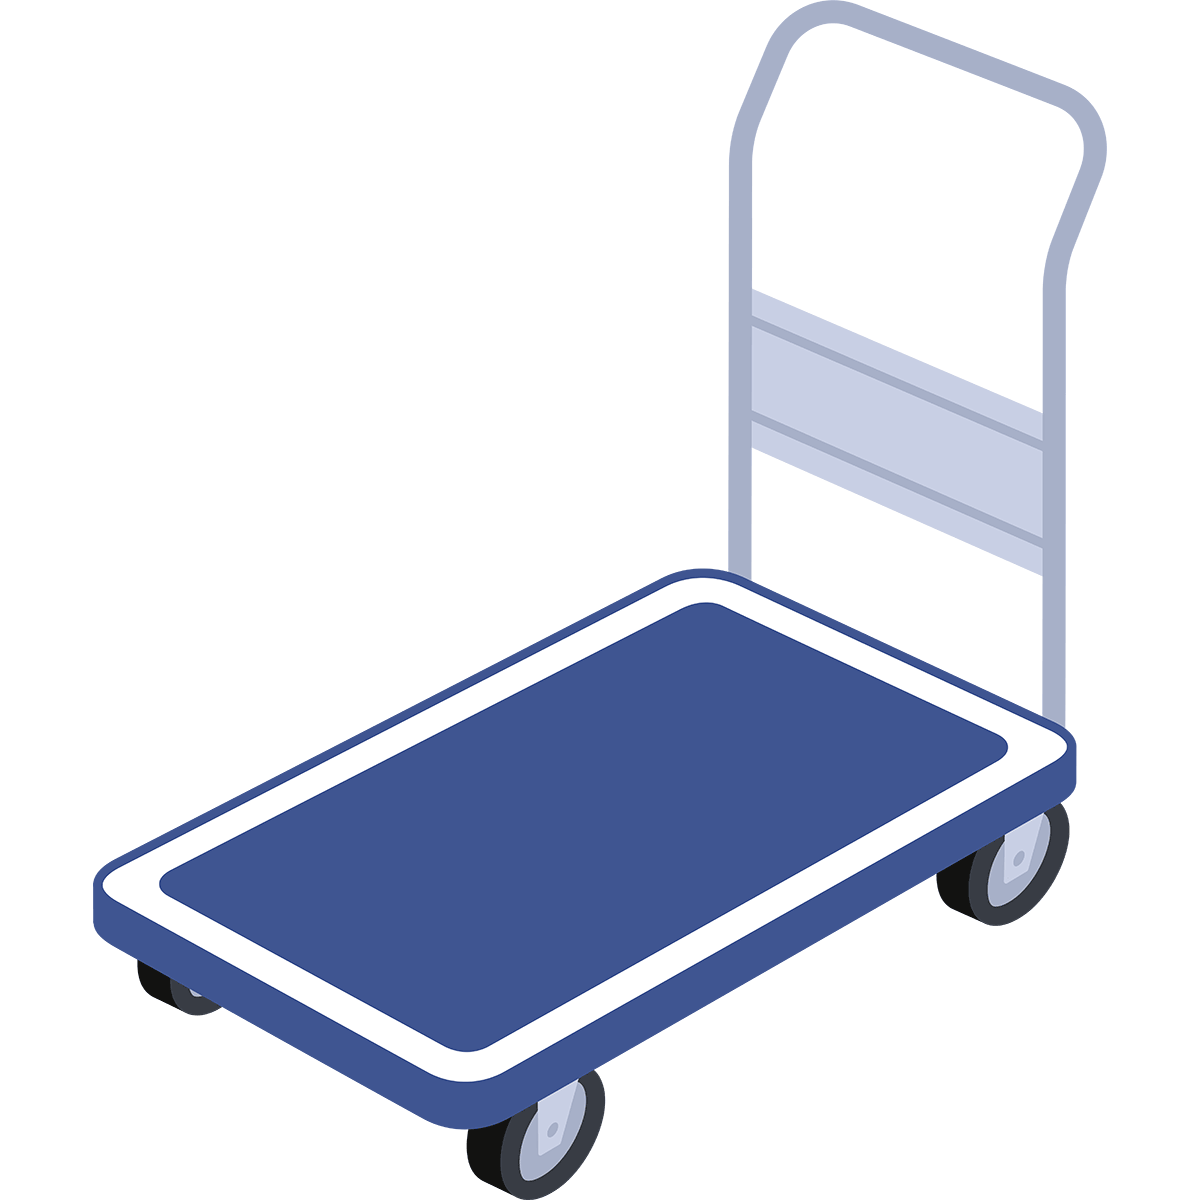 台車の無料イラスト